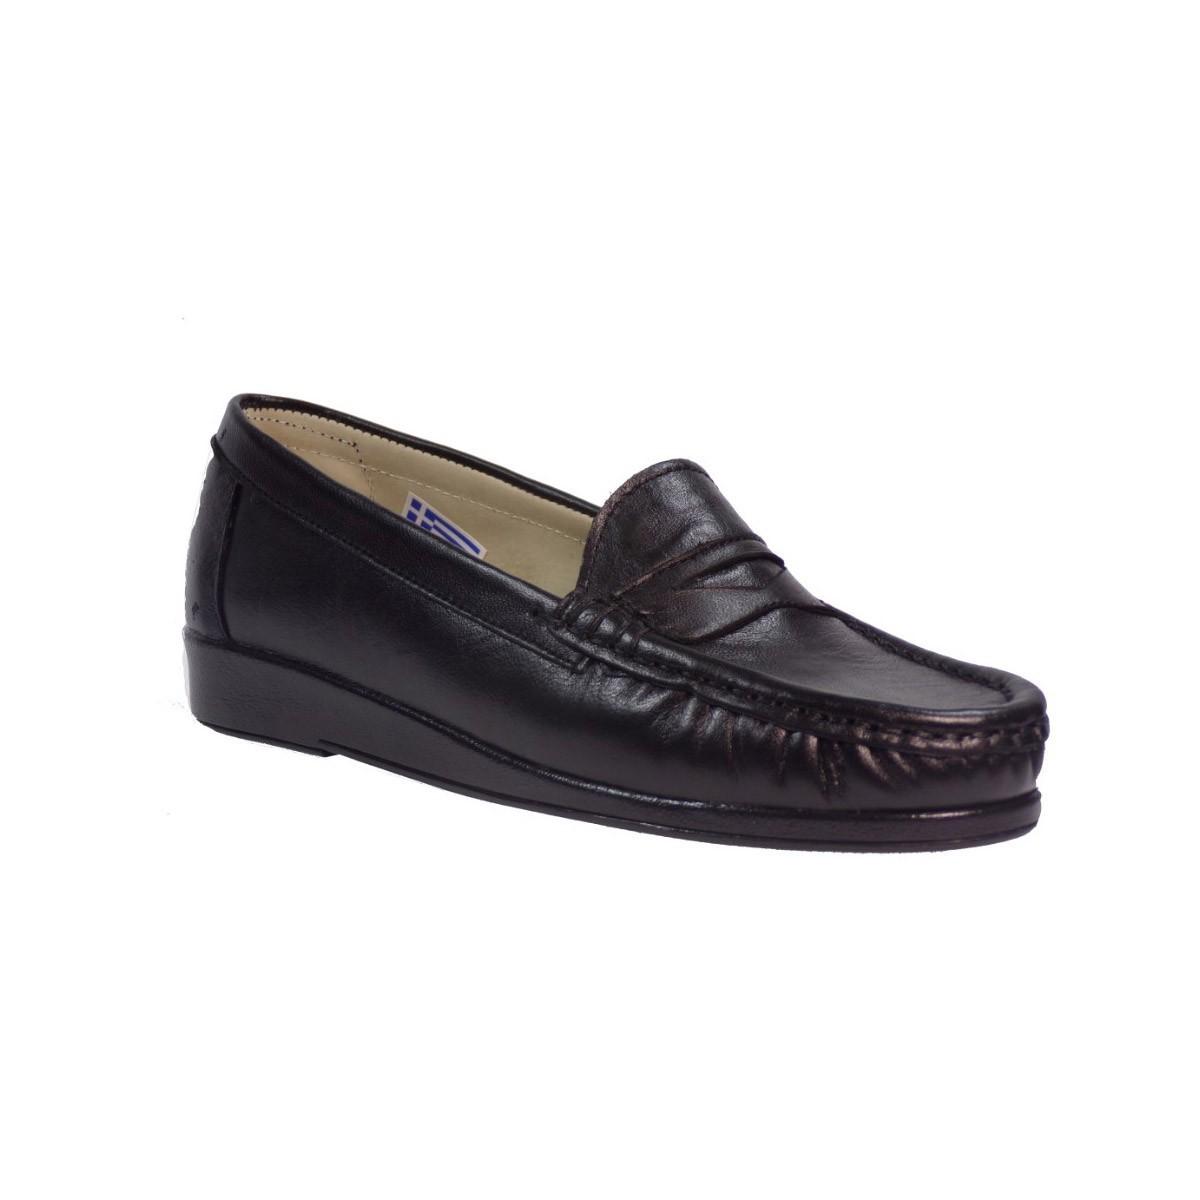 ΛέΩΝ Γυναικεία Παπούτσια 70 Μαύρο ΛέΩΝ 70 Μαύρο